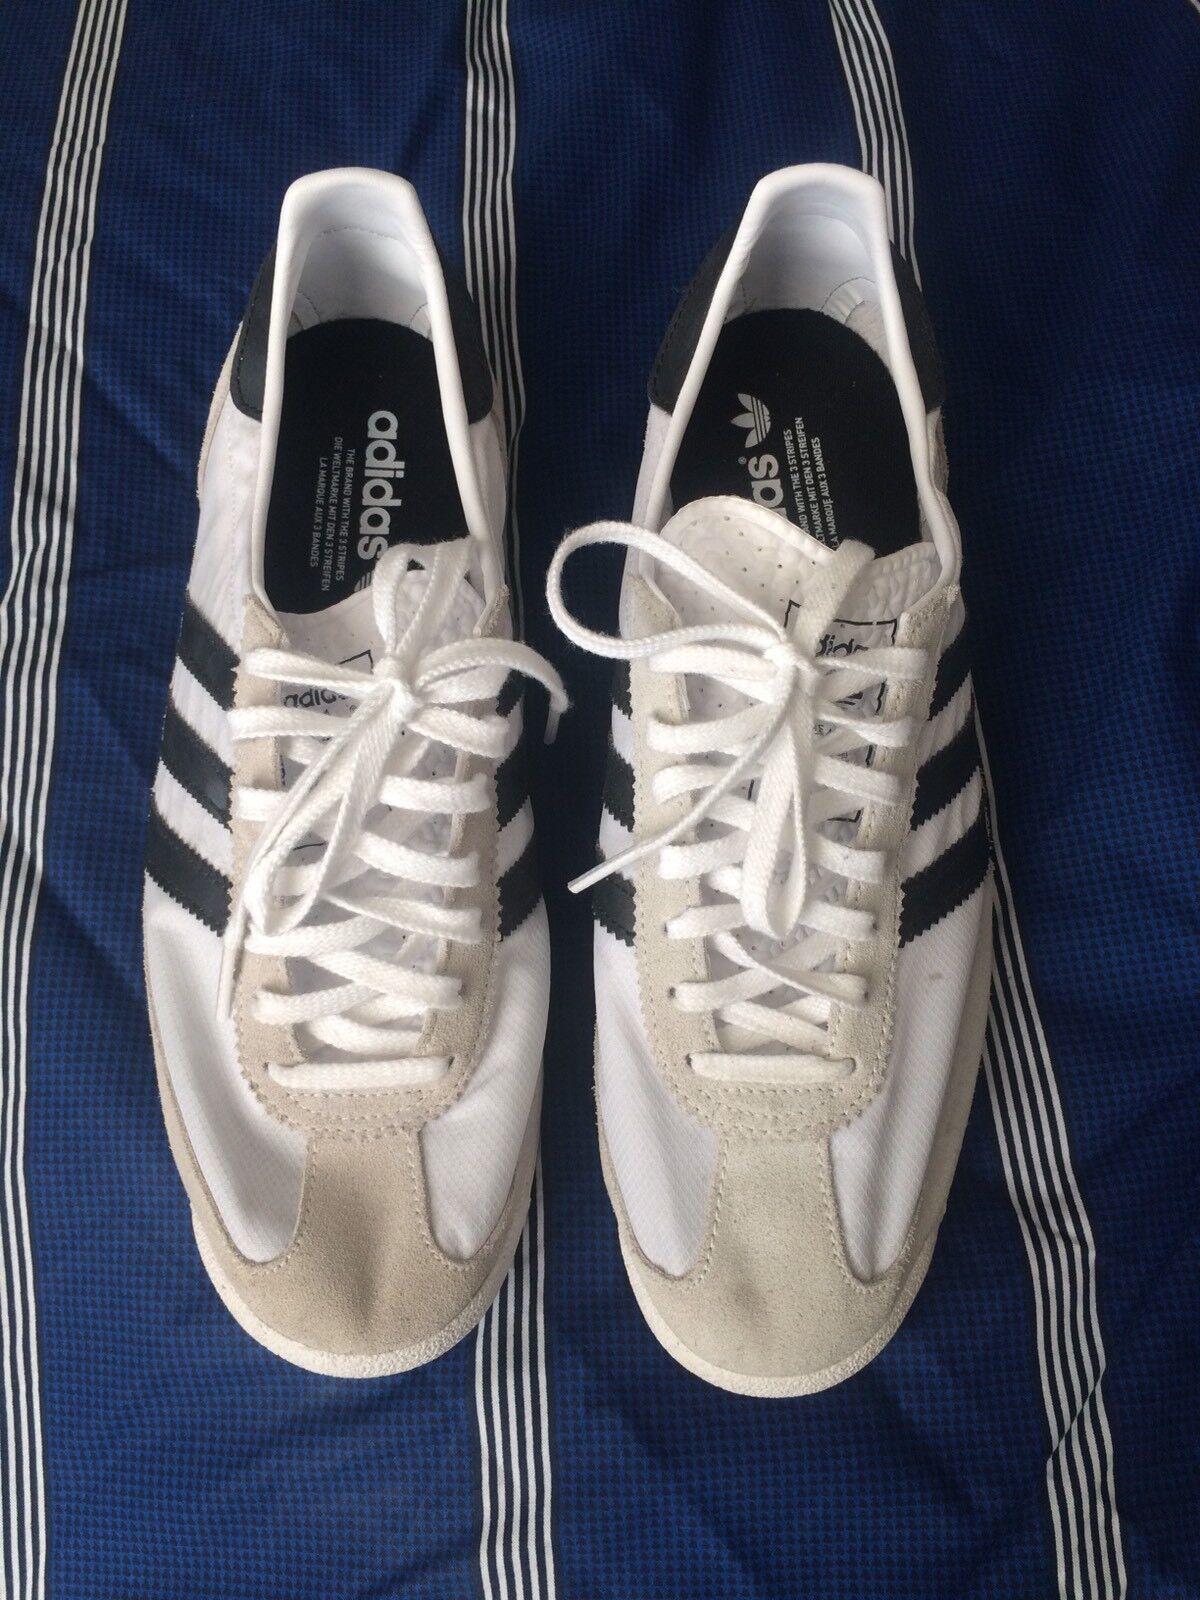 Adidas Originals 9.5 Zapatos Hombre Talla US 9.5 Originals f0ea01